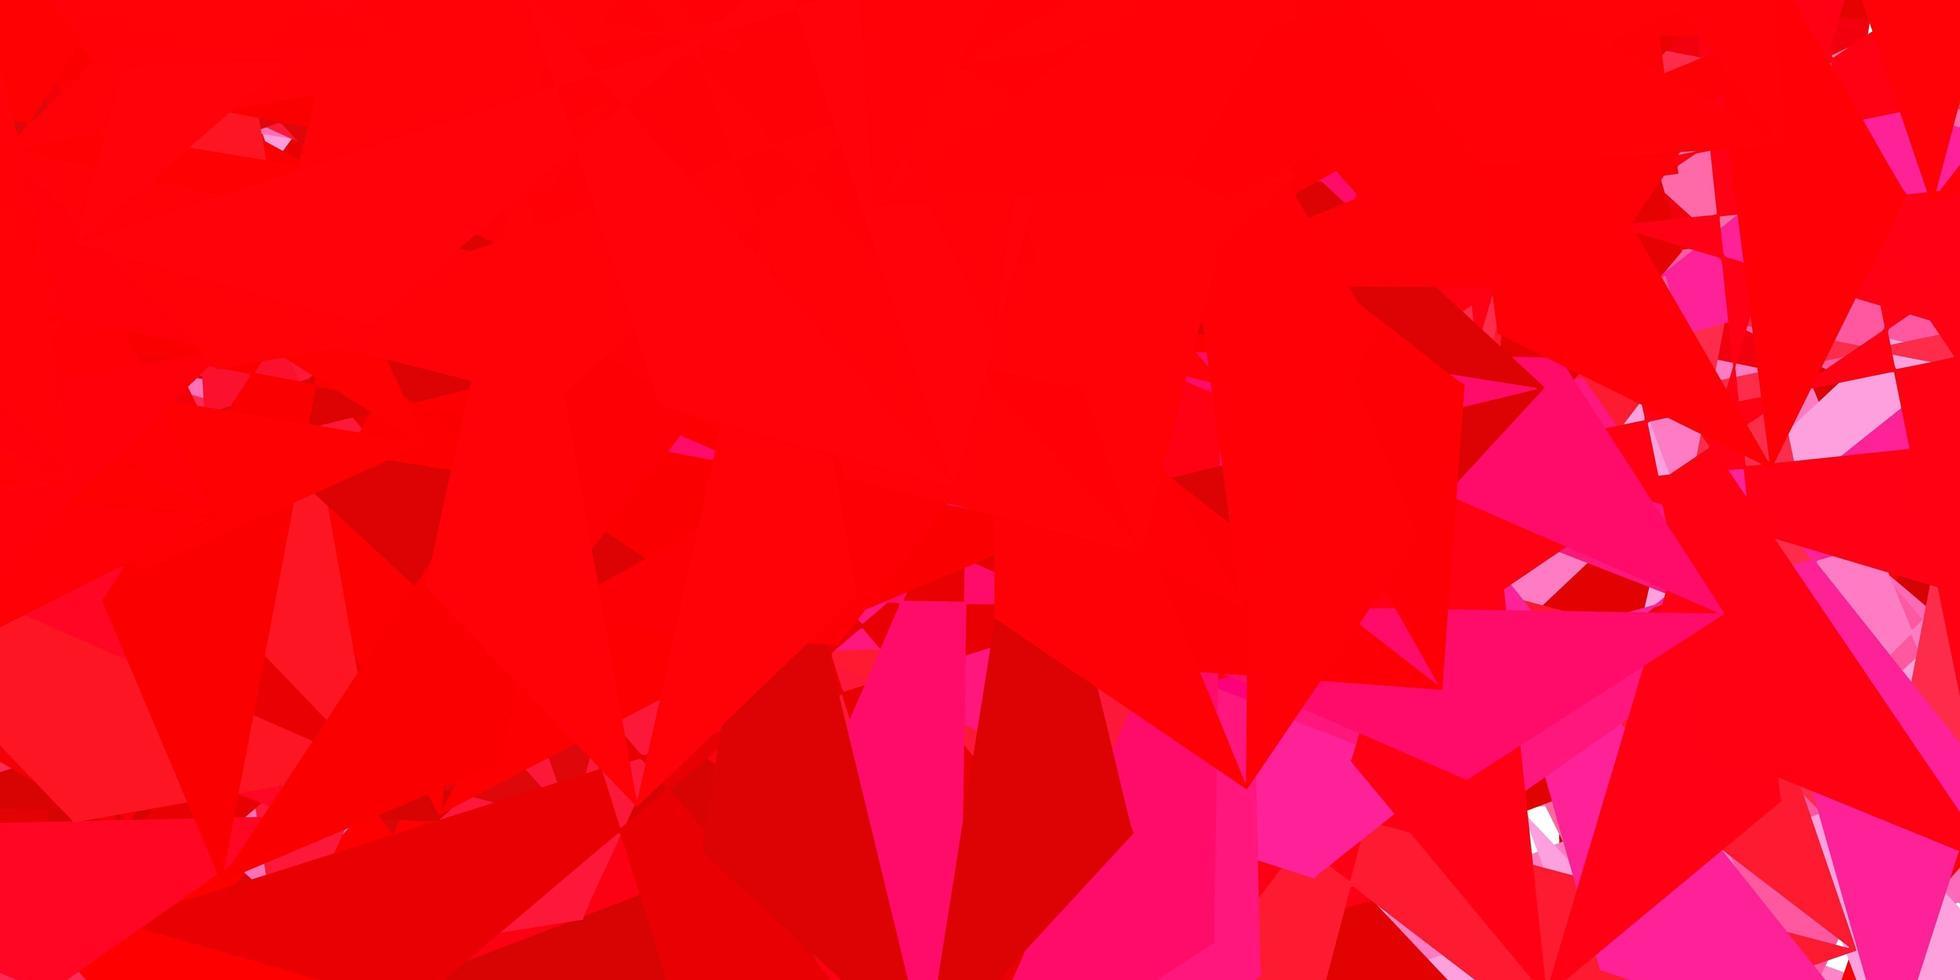 papel de parede de mosaico de triângulo de vetor em rosa claro e vermelho.